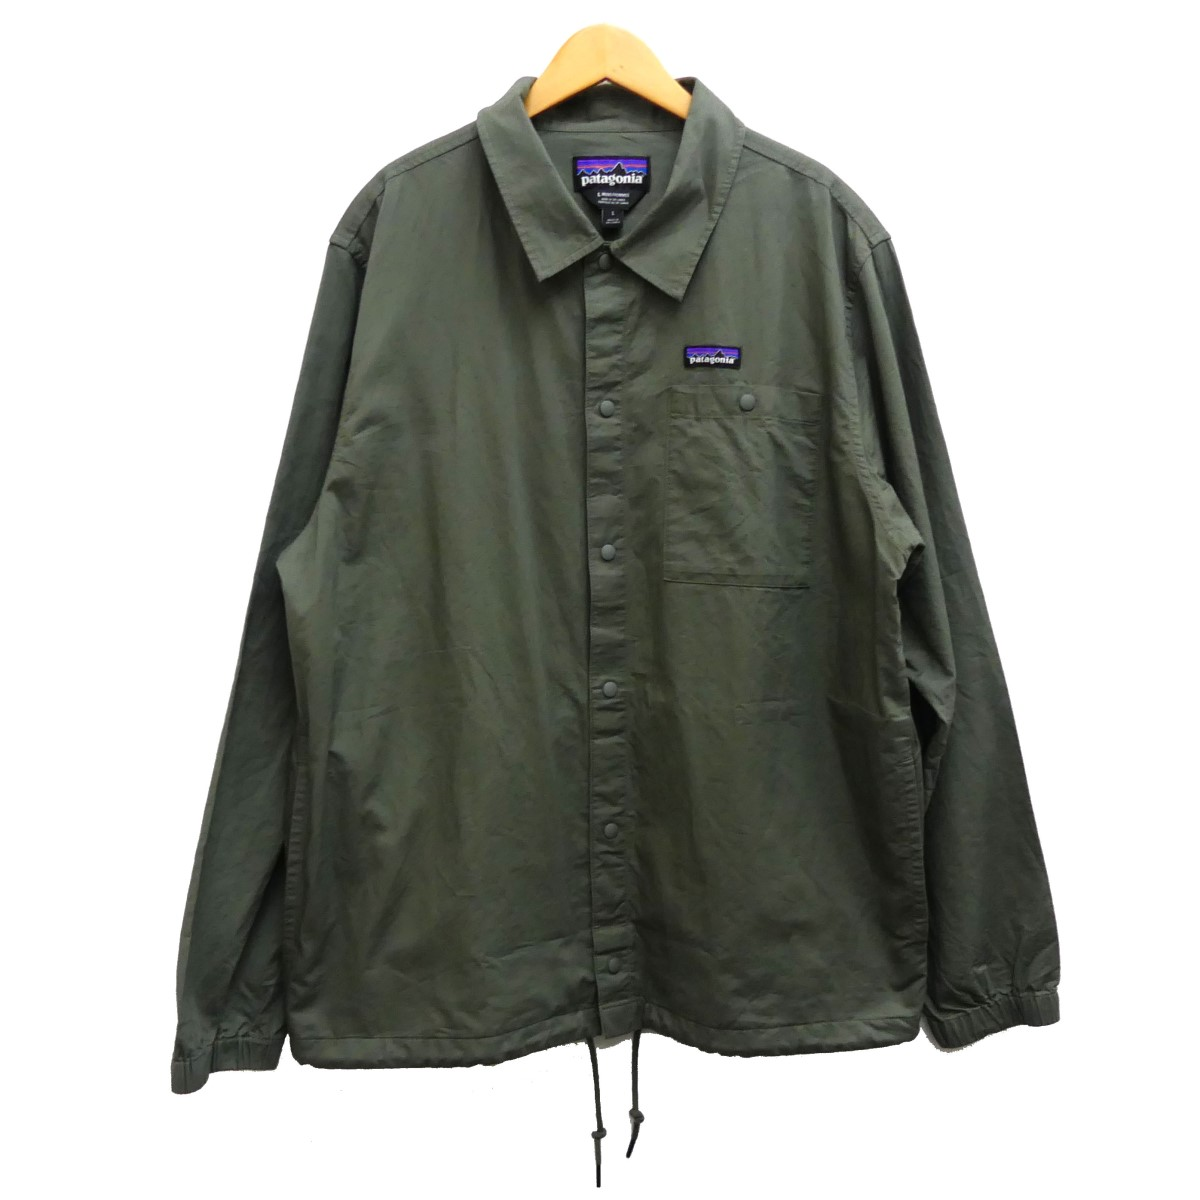 【中古】patagonia 19SS Lightweight All-Wear Hemp Coaches Jacket カーキ サイズ:L 【140420】(パタゴニア)